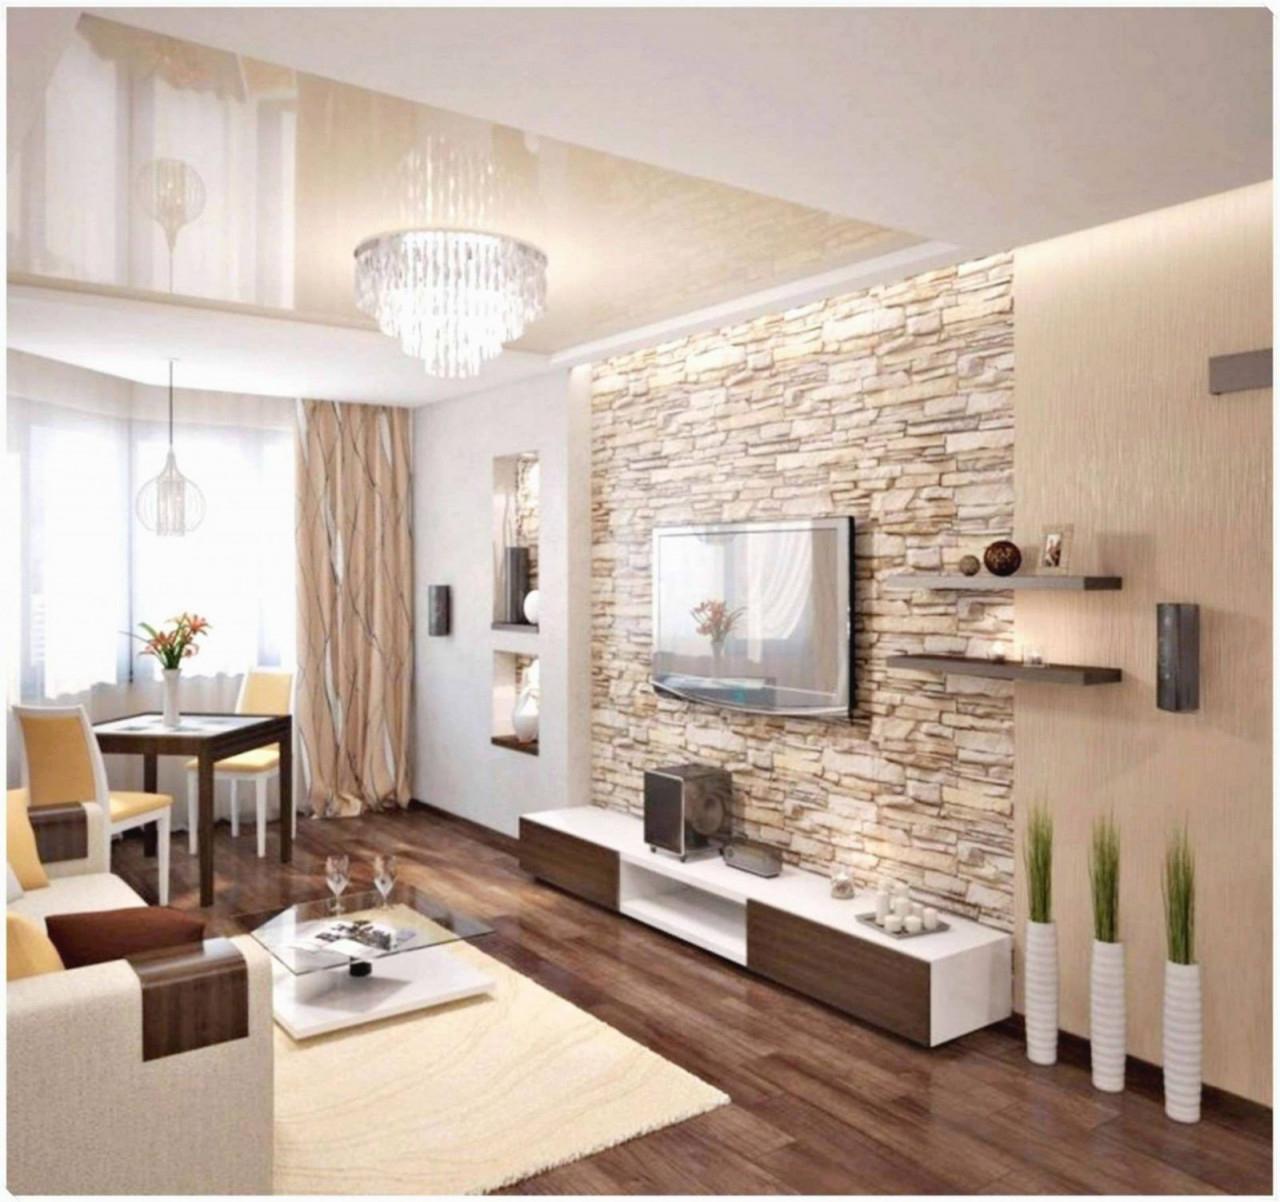 Gold Wohnzimmer Deko Fresh Wohnzimmer Wand Dekorieren Von von Deko Ideen Für Wohnzimmer Wand Photo